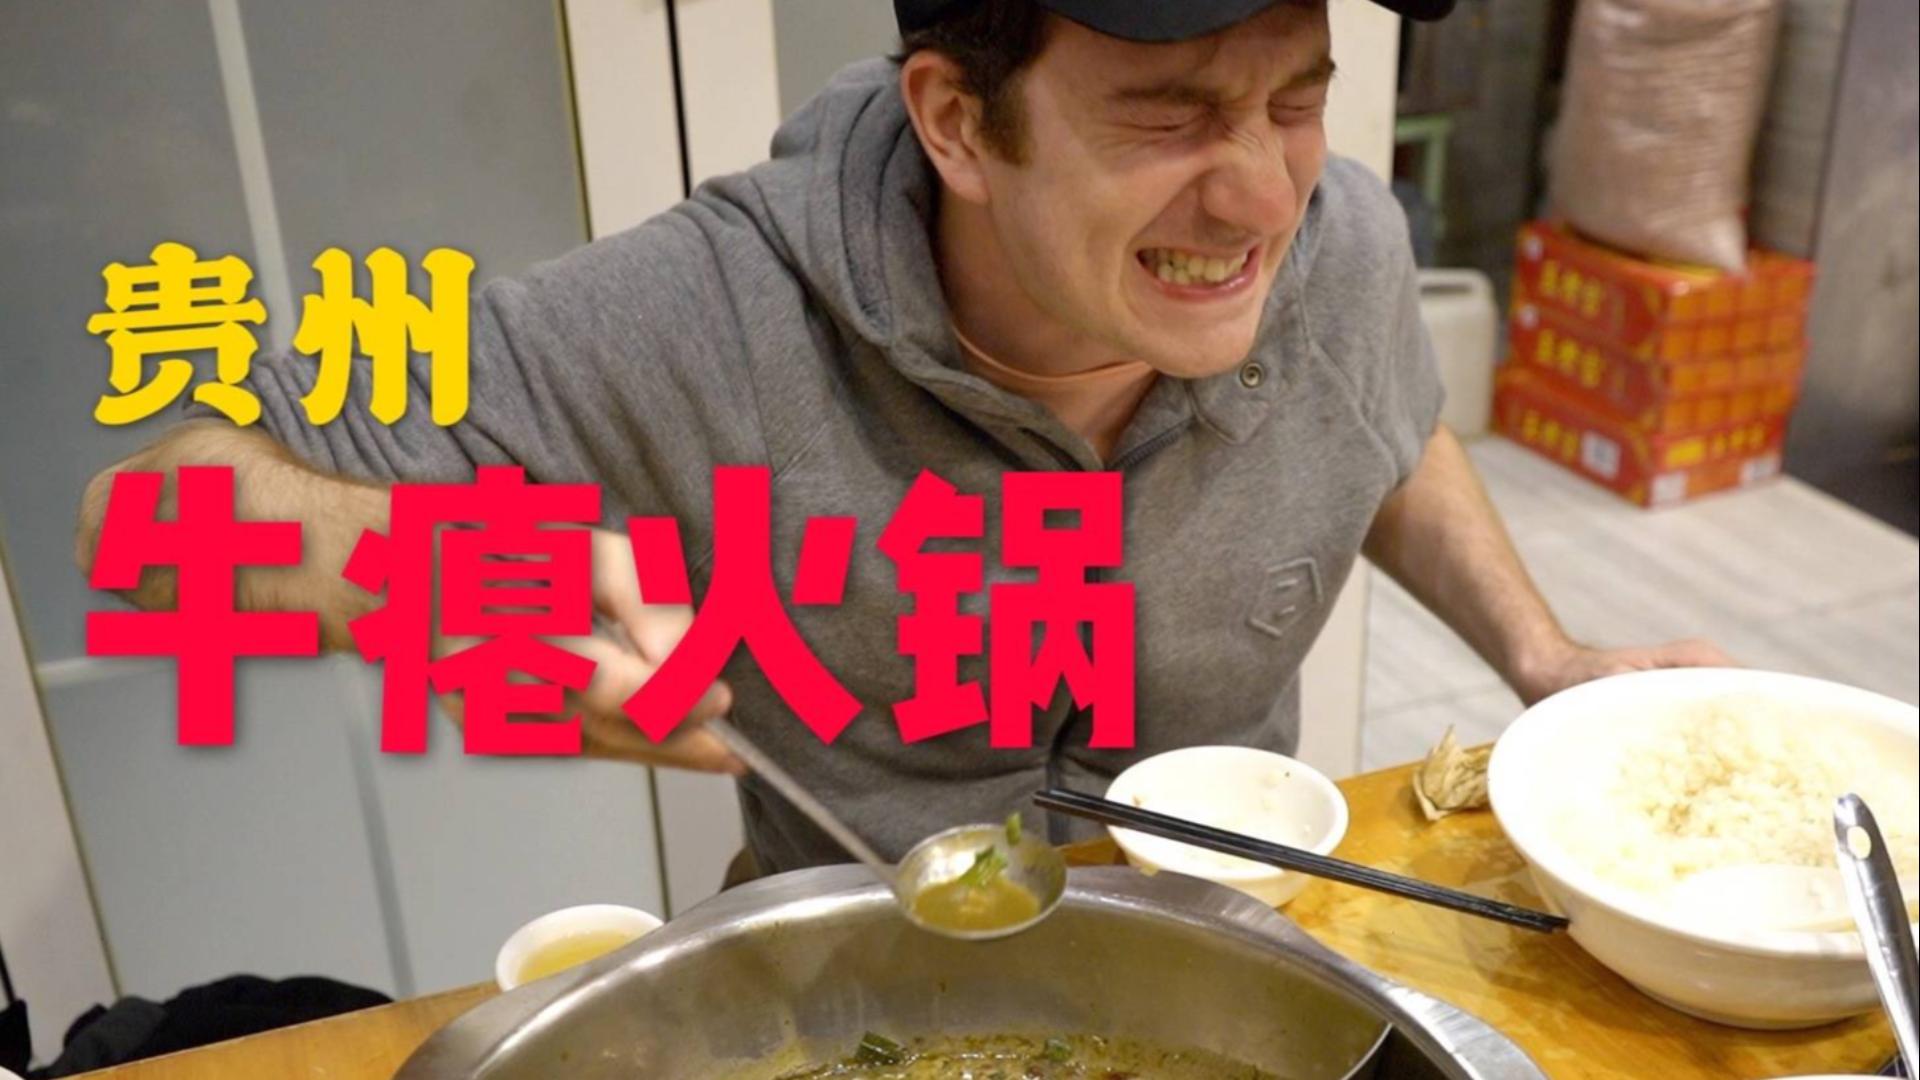 试吃贵州牛瘪火锅,真的是牛屎的味道吗?!